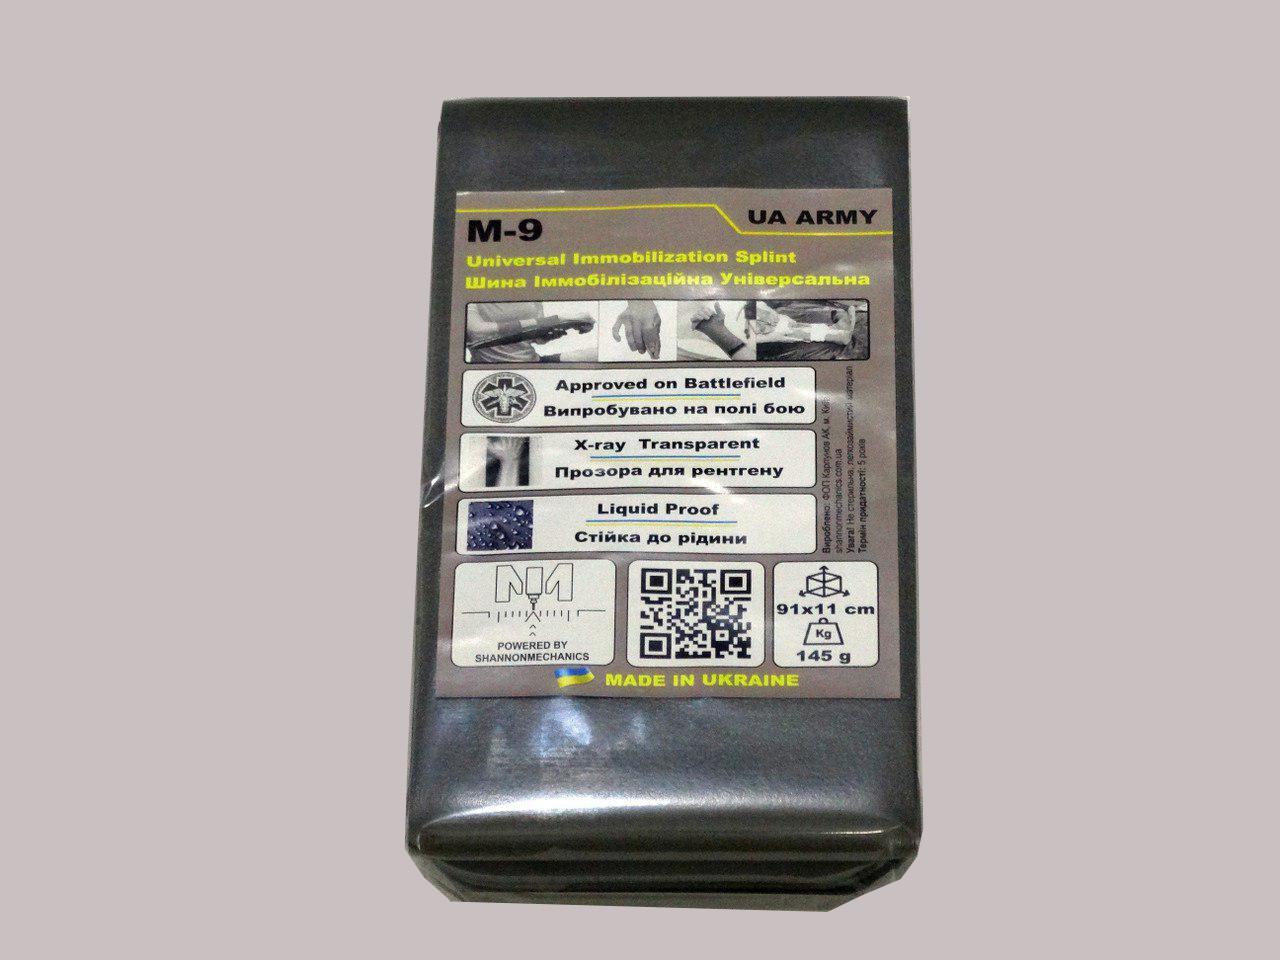 Шина іммобілізаційна універсальна ShannonMechanics М9 (90х11 см SAM форм-фактор)